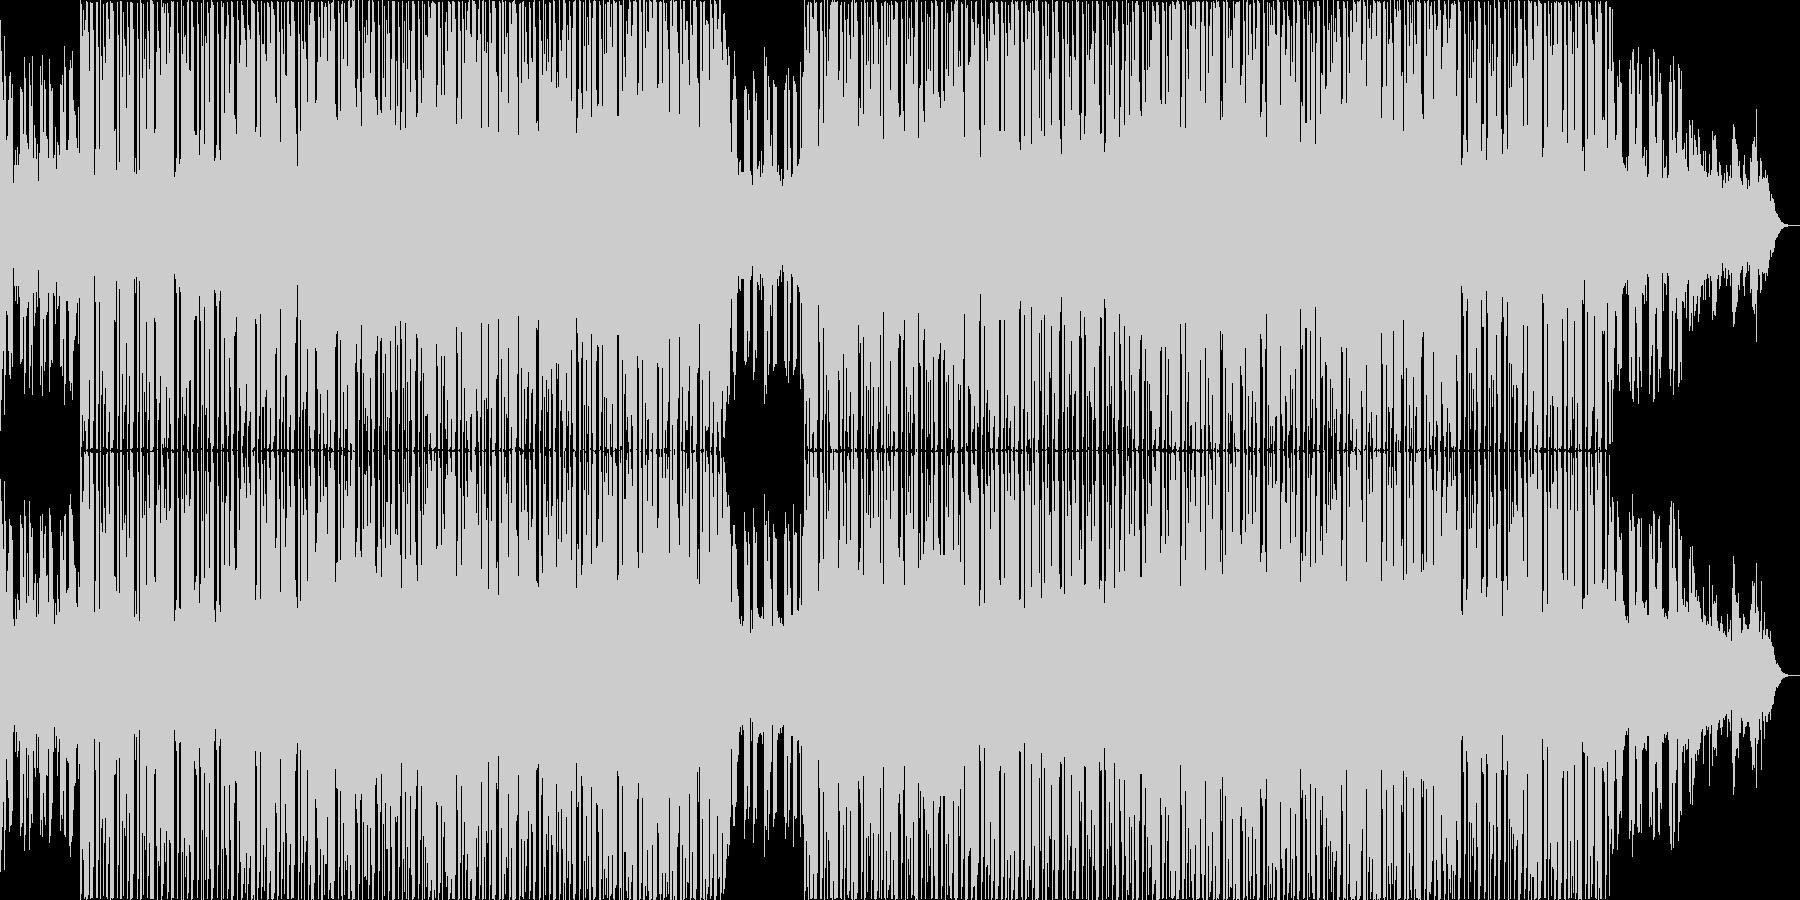 浮遊感の強いチルアウトミュージック。の未再生の波形